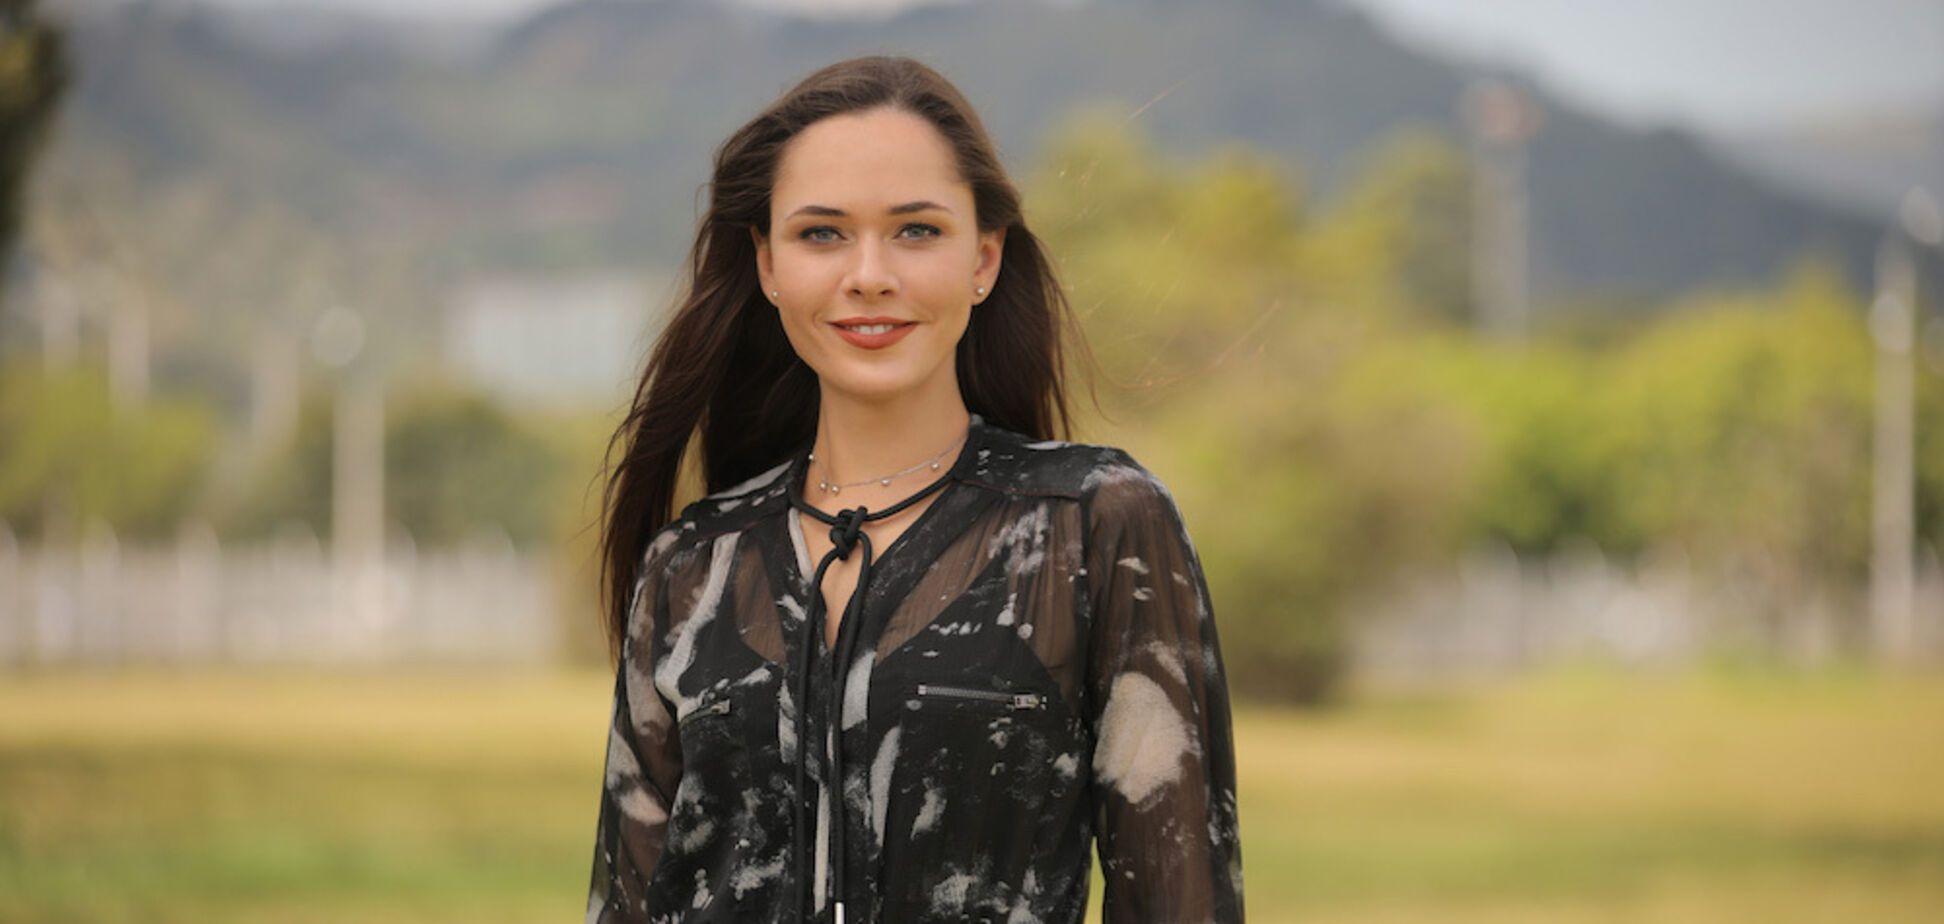 Саніна про зйомки 'Орла і Решки' на батьківщині Пабло Ескобара: там процвітає культ силікону